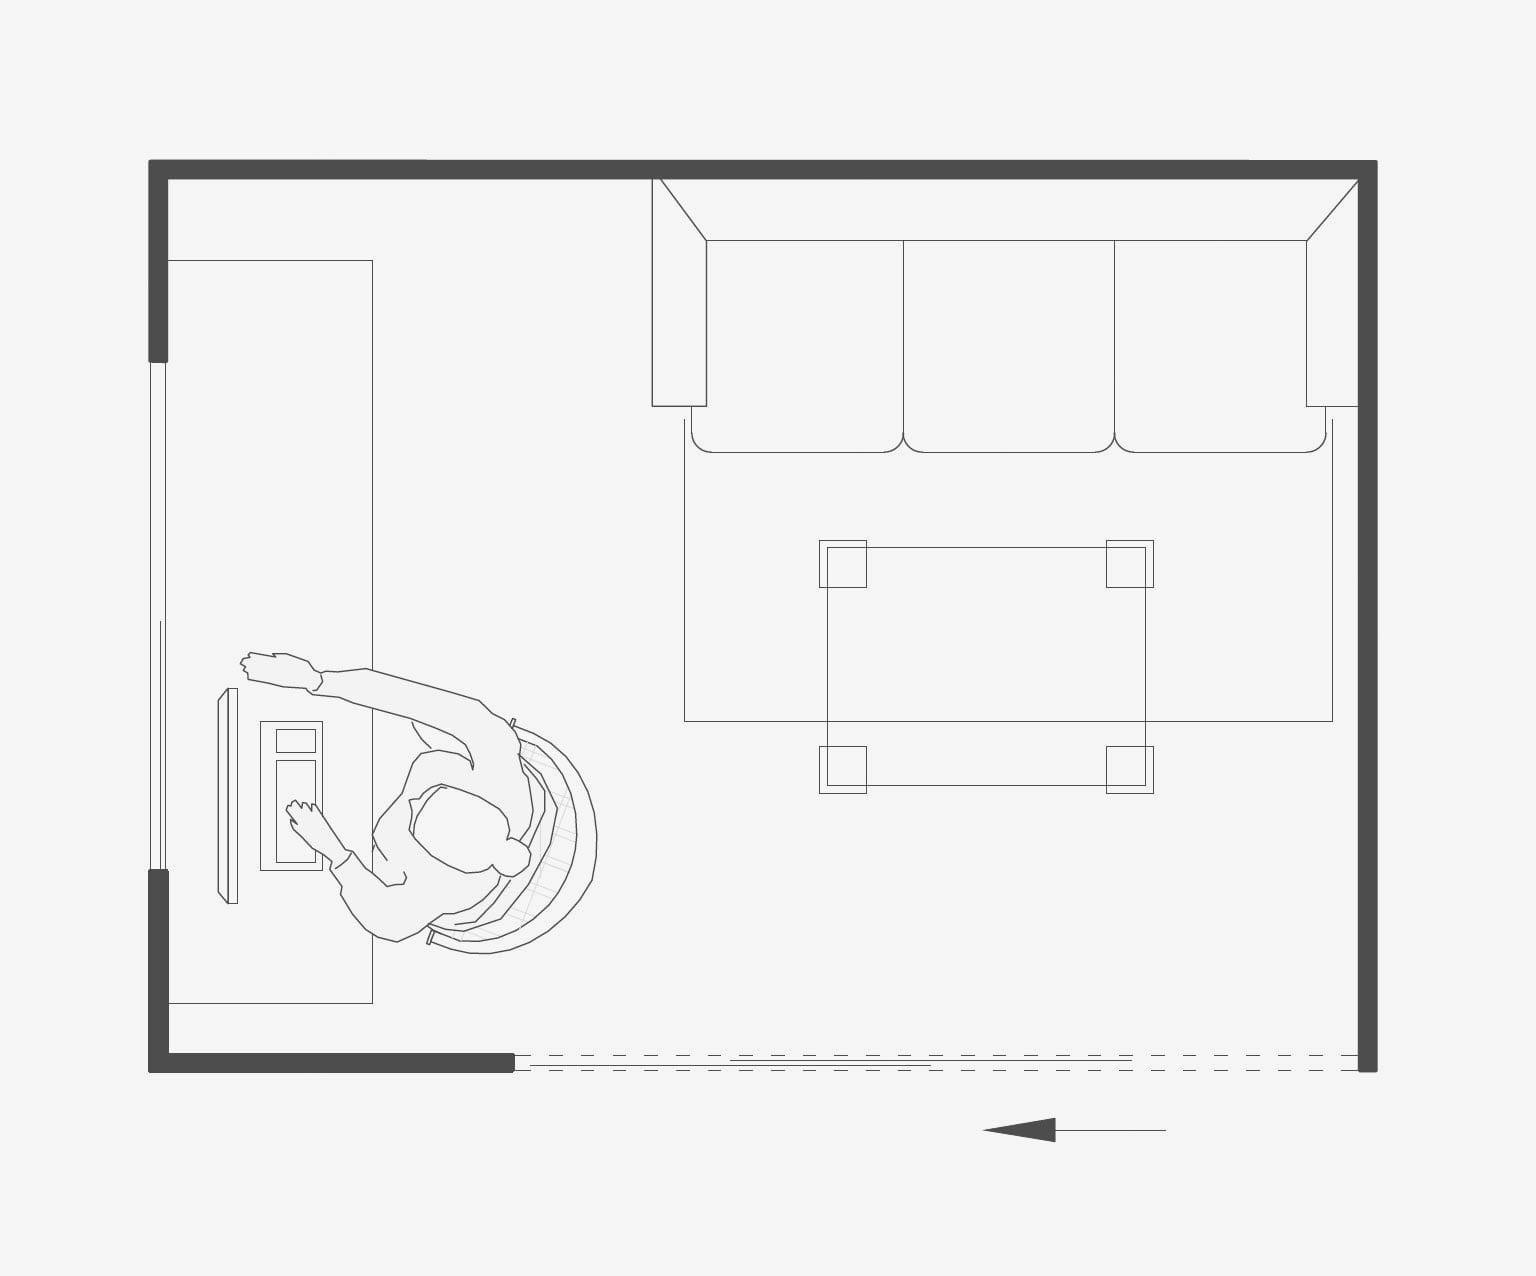 granny flatstudio-floor-plan-